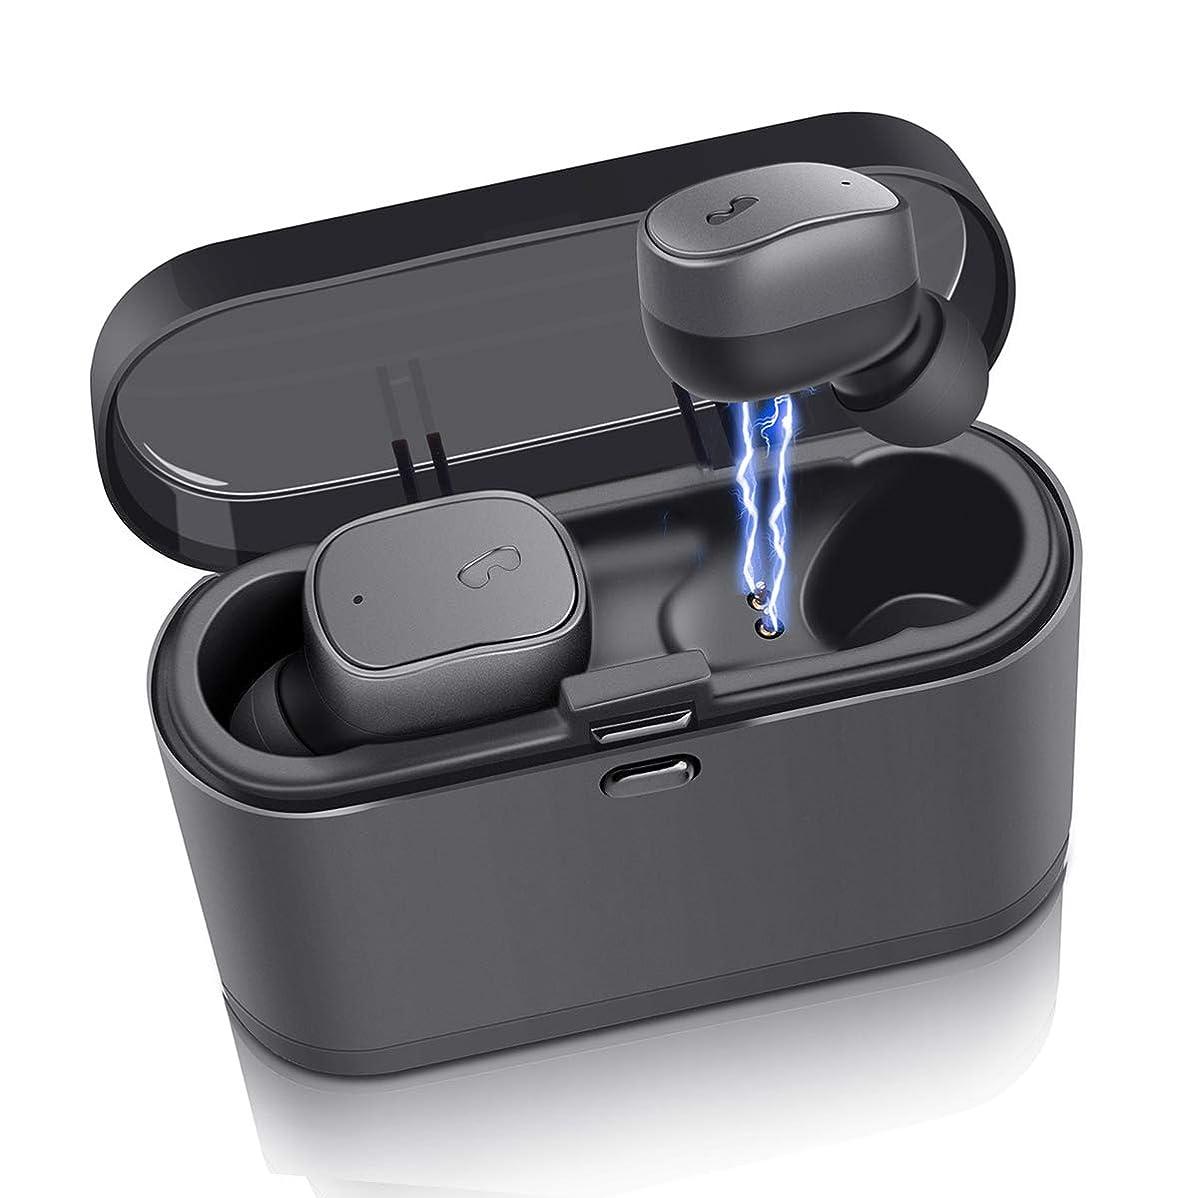 矢印王女霊【2019最先端Bluetooth5.0 進化版】Bluetooth イヤホン Hi-Fi高音質 ブルートゥース 完全ワイヤレス 防水 両耳 左右分離型 自動ON/OFF Siri対応 小型 軽量 TWS EDR搭載